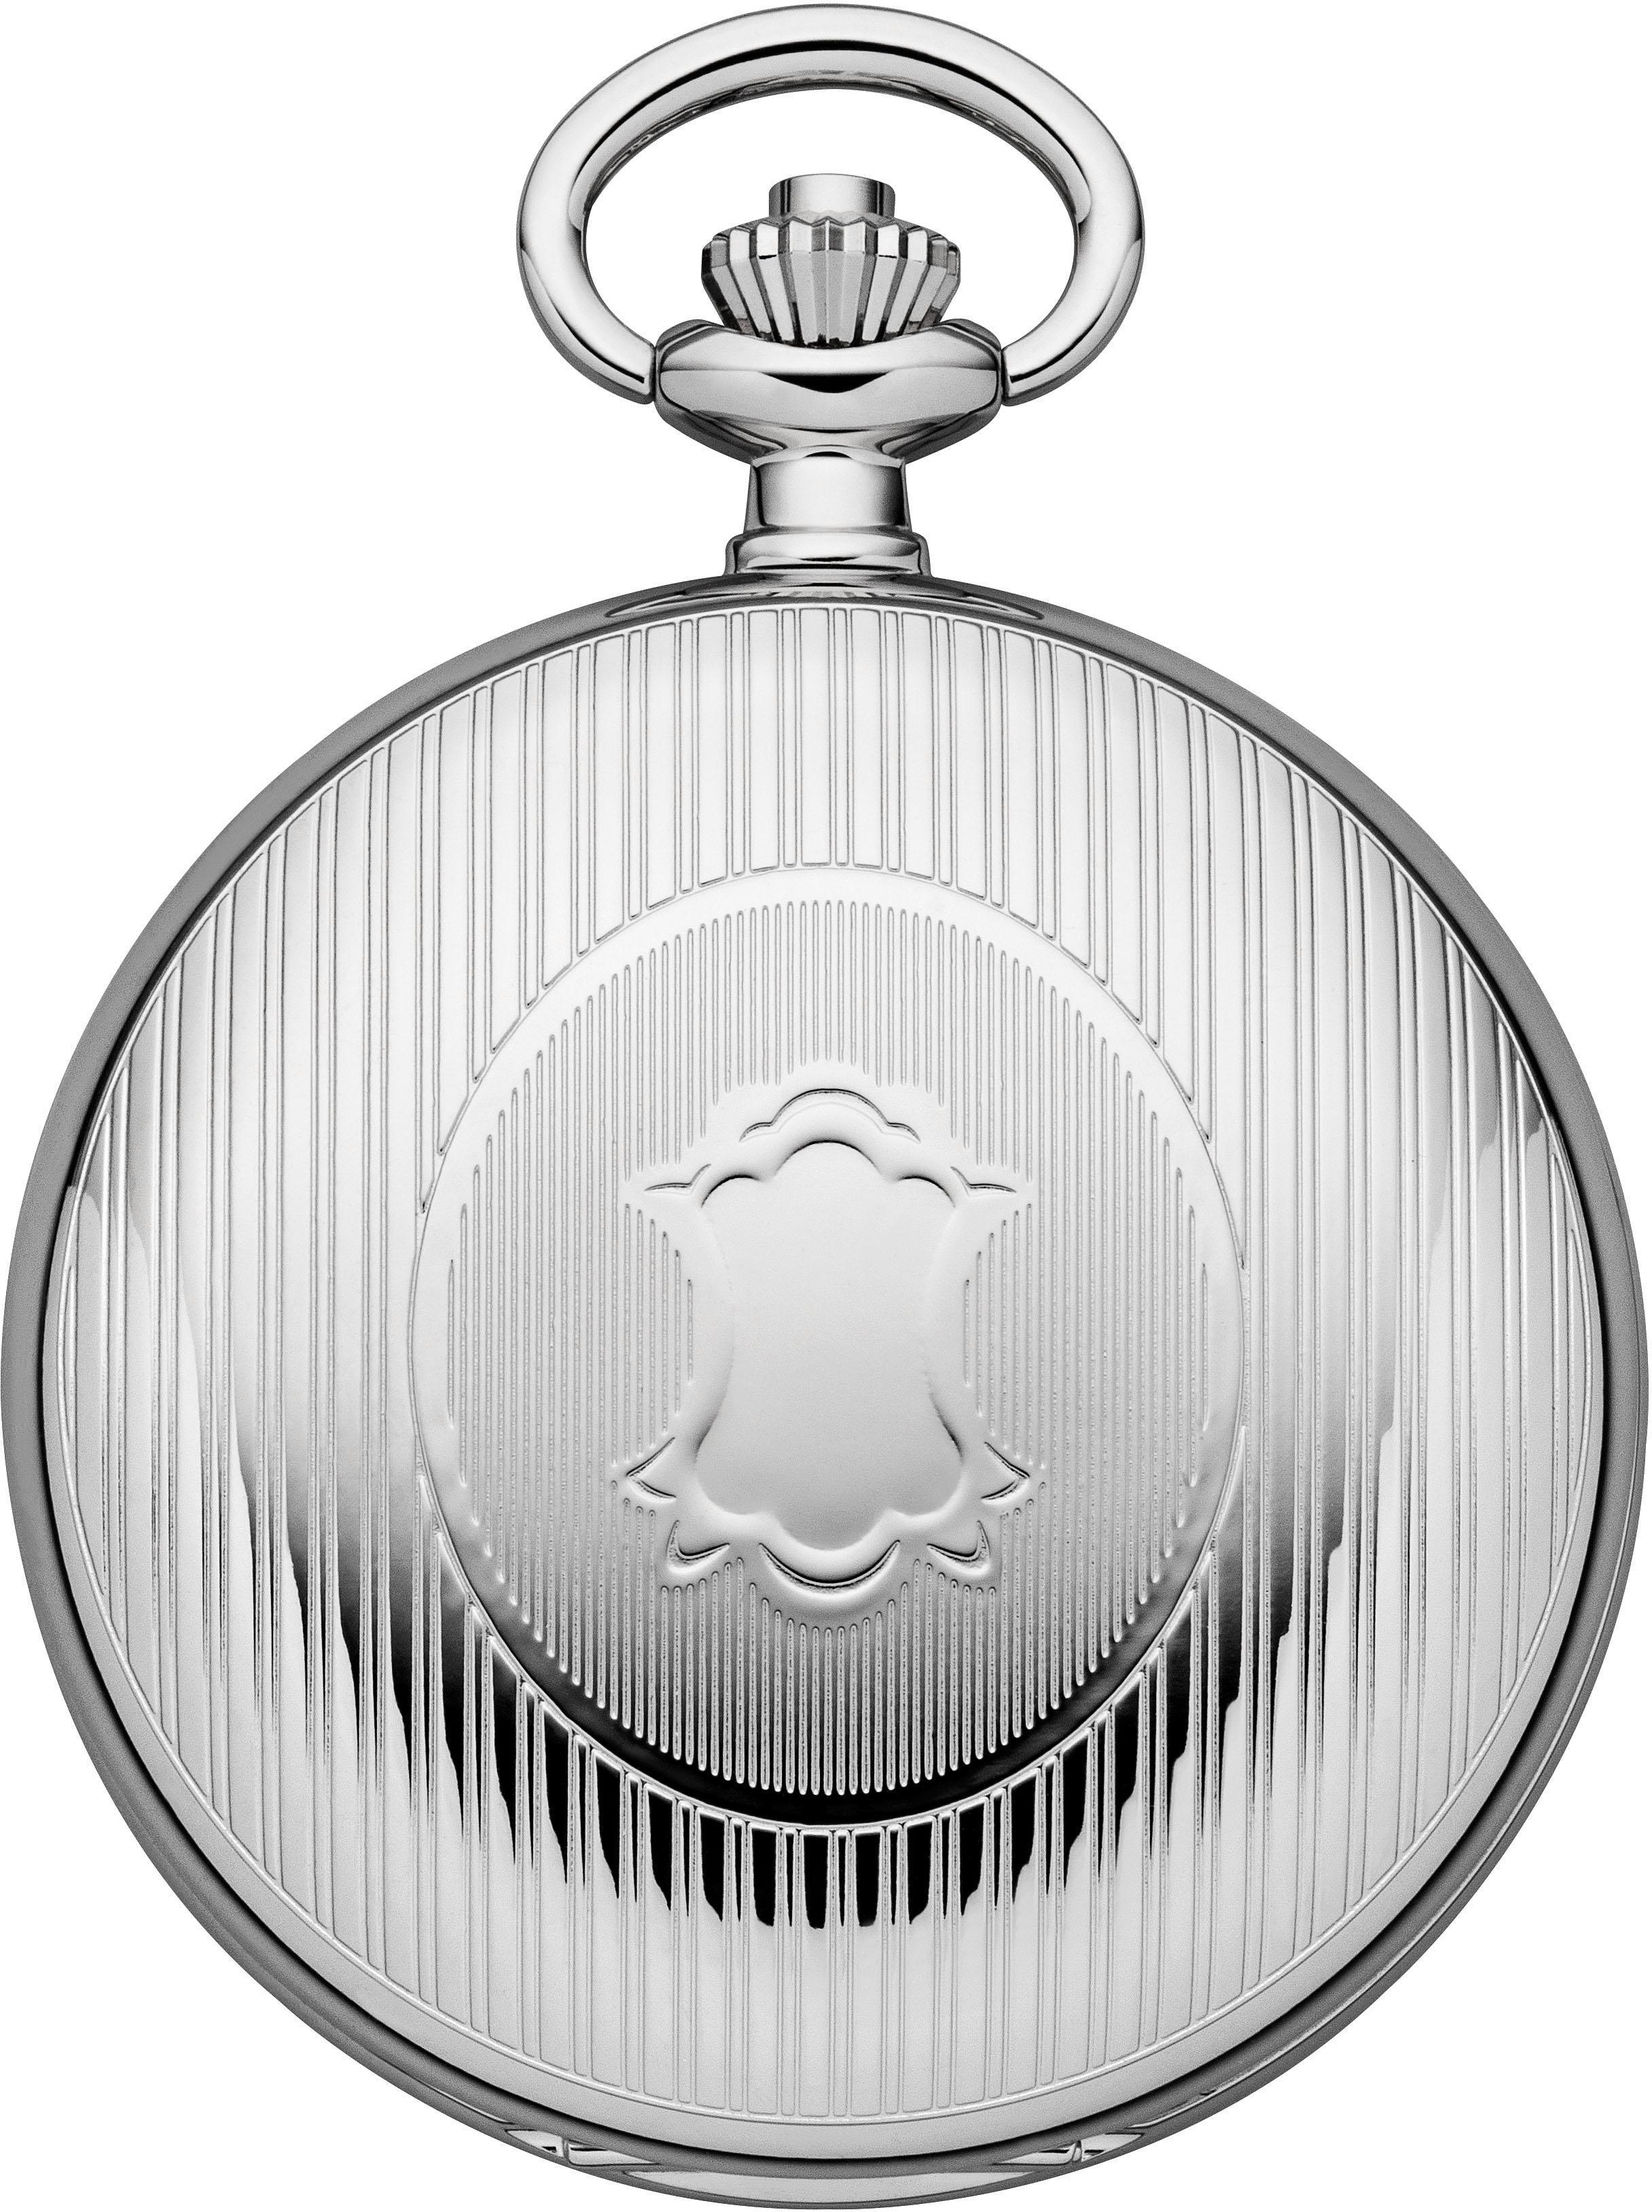 Regent Taschenuhr P603, (Set, 2 tlg., inkl. Kette) günstig online kaufen